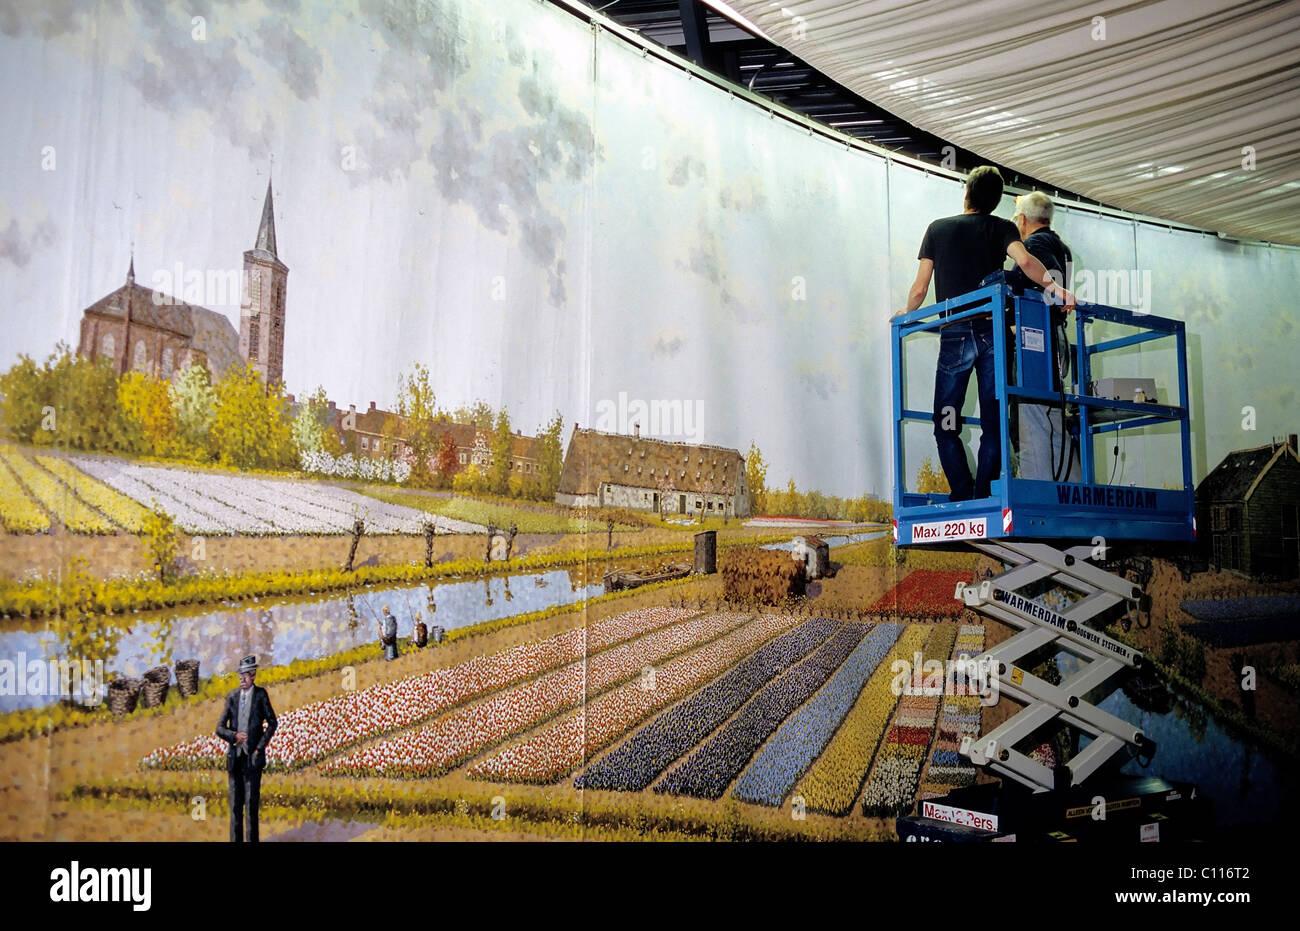 Maler auf einer Hebebühne vor einem Panoramabild, Tulipland von Leo van Den Ende, Vorhout, Süd-Holland, Stockbild